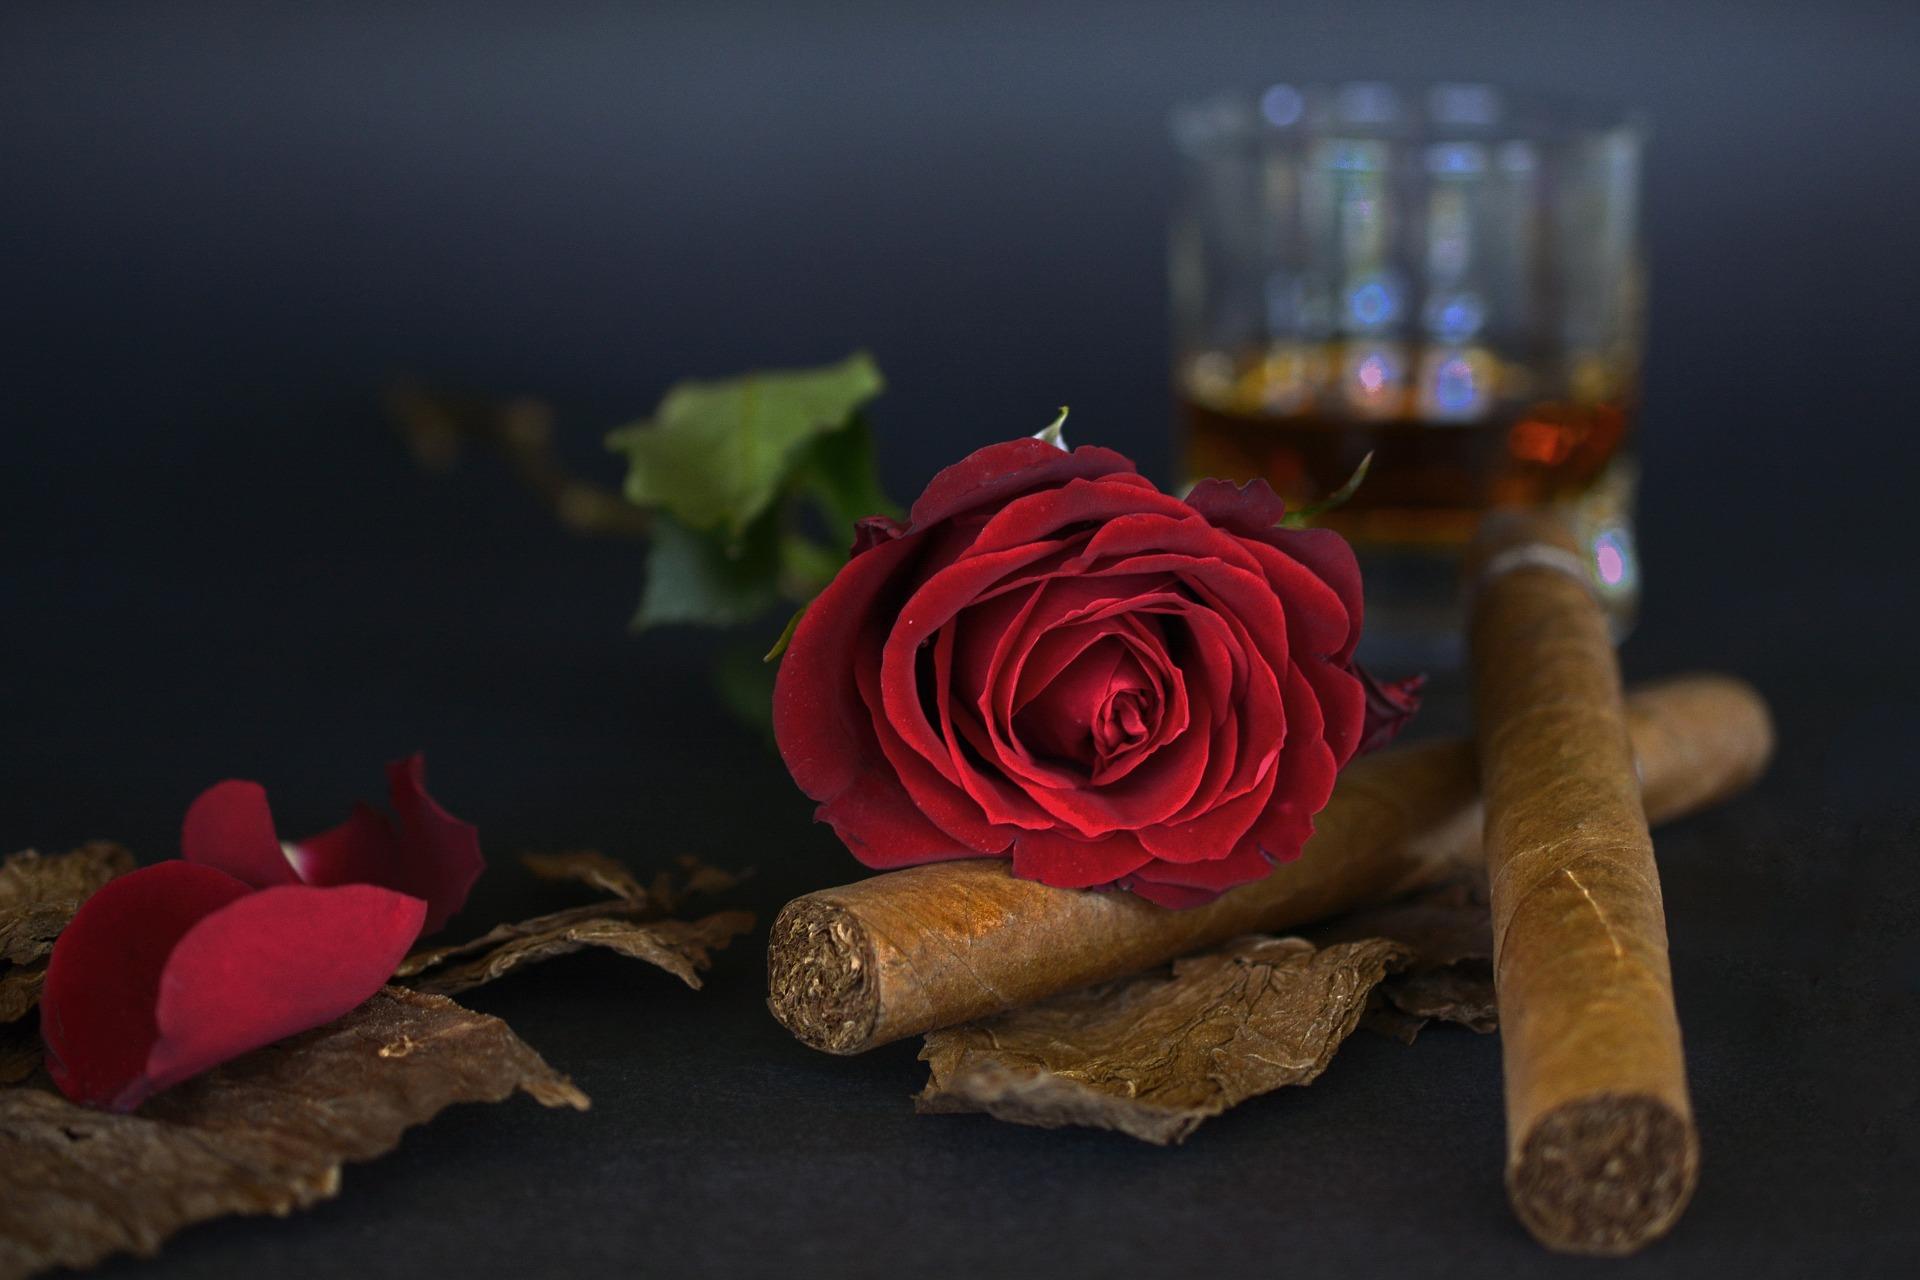 tutunul și alcoolul